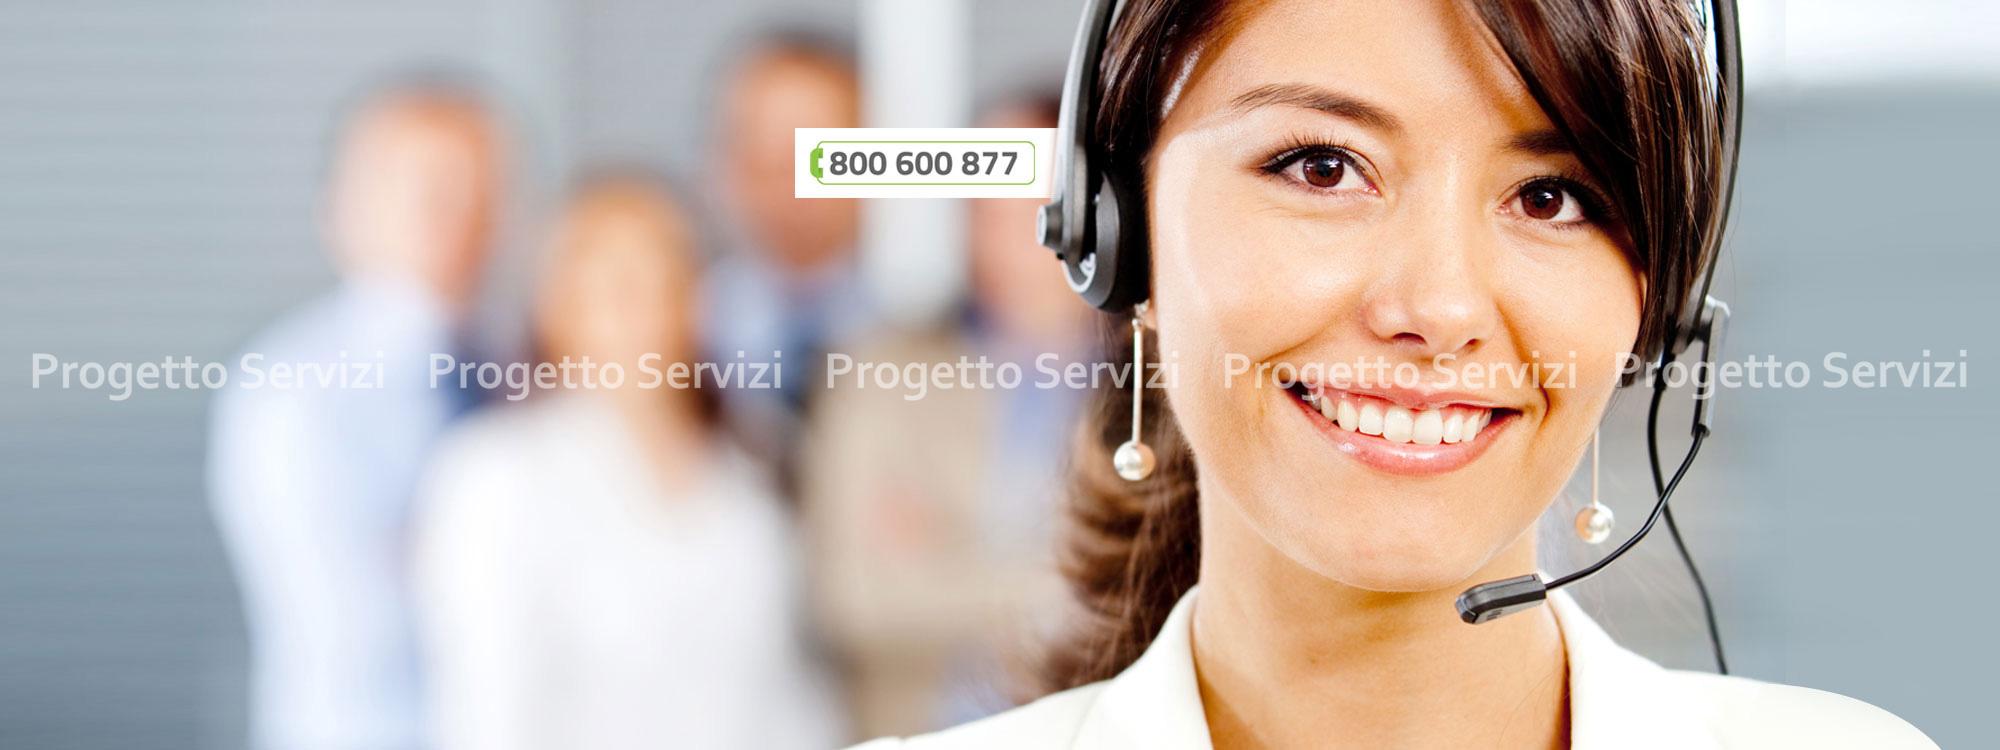 Attivo il nuovo numero verde - Progetto Servizi